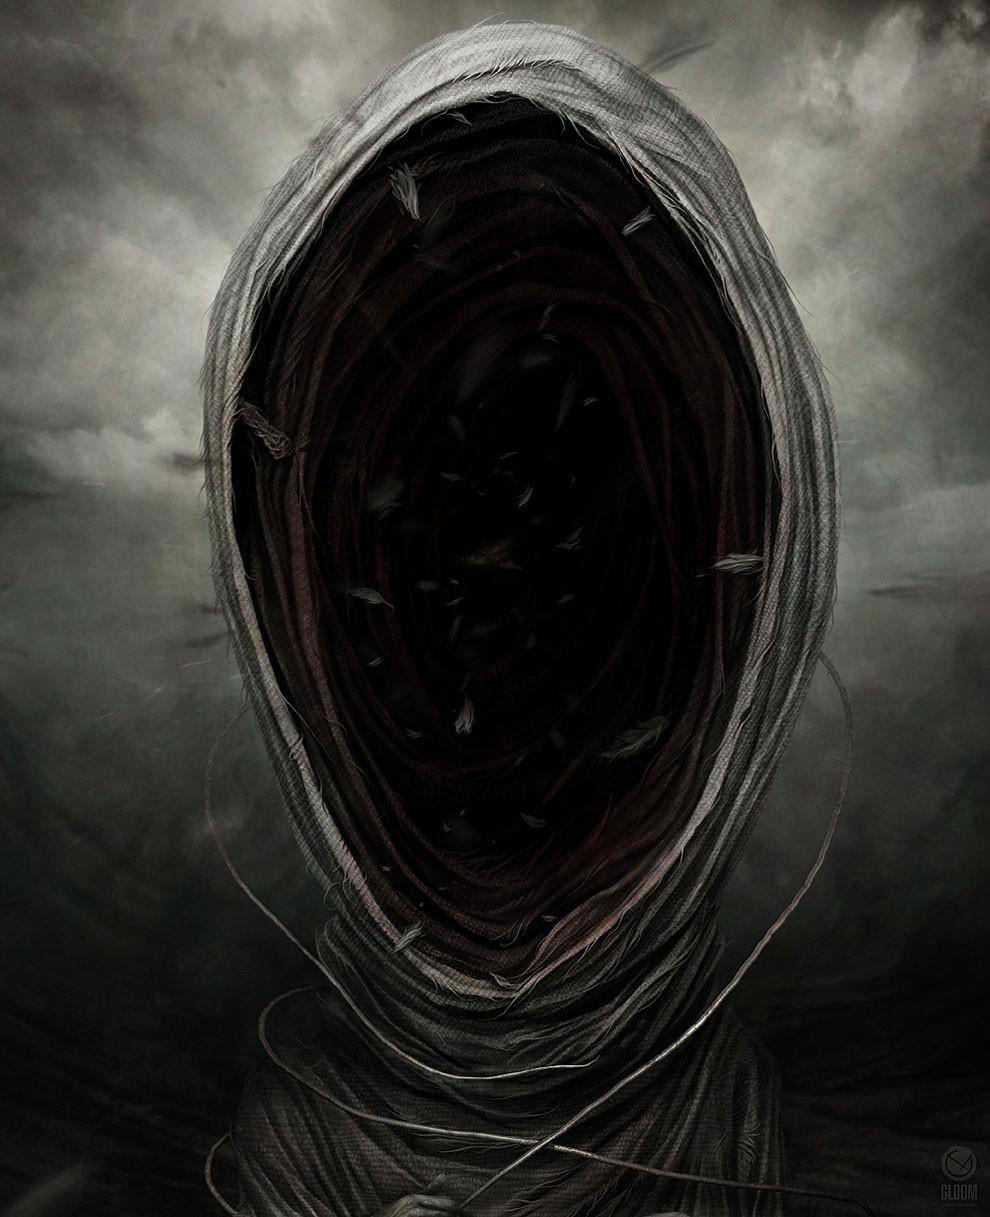 dipinti-cupi-spaventosi-anton-semenov-15